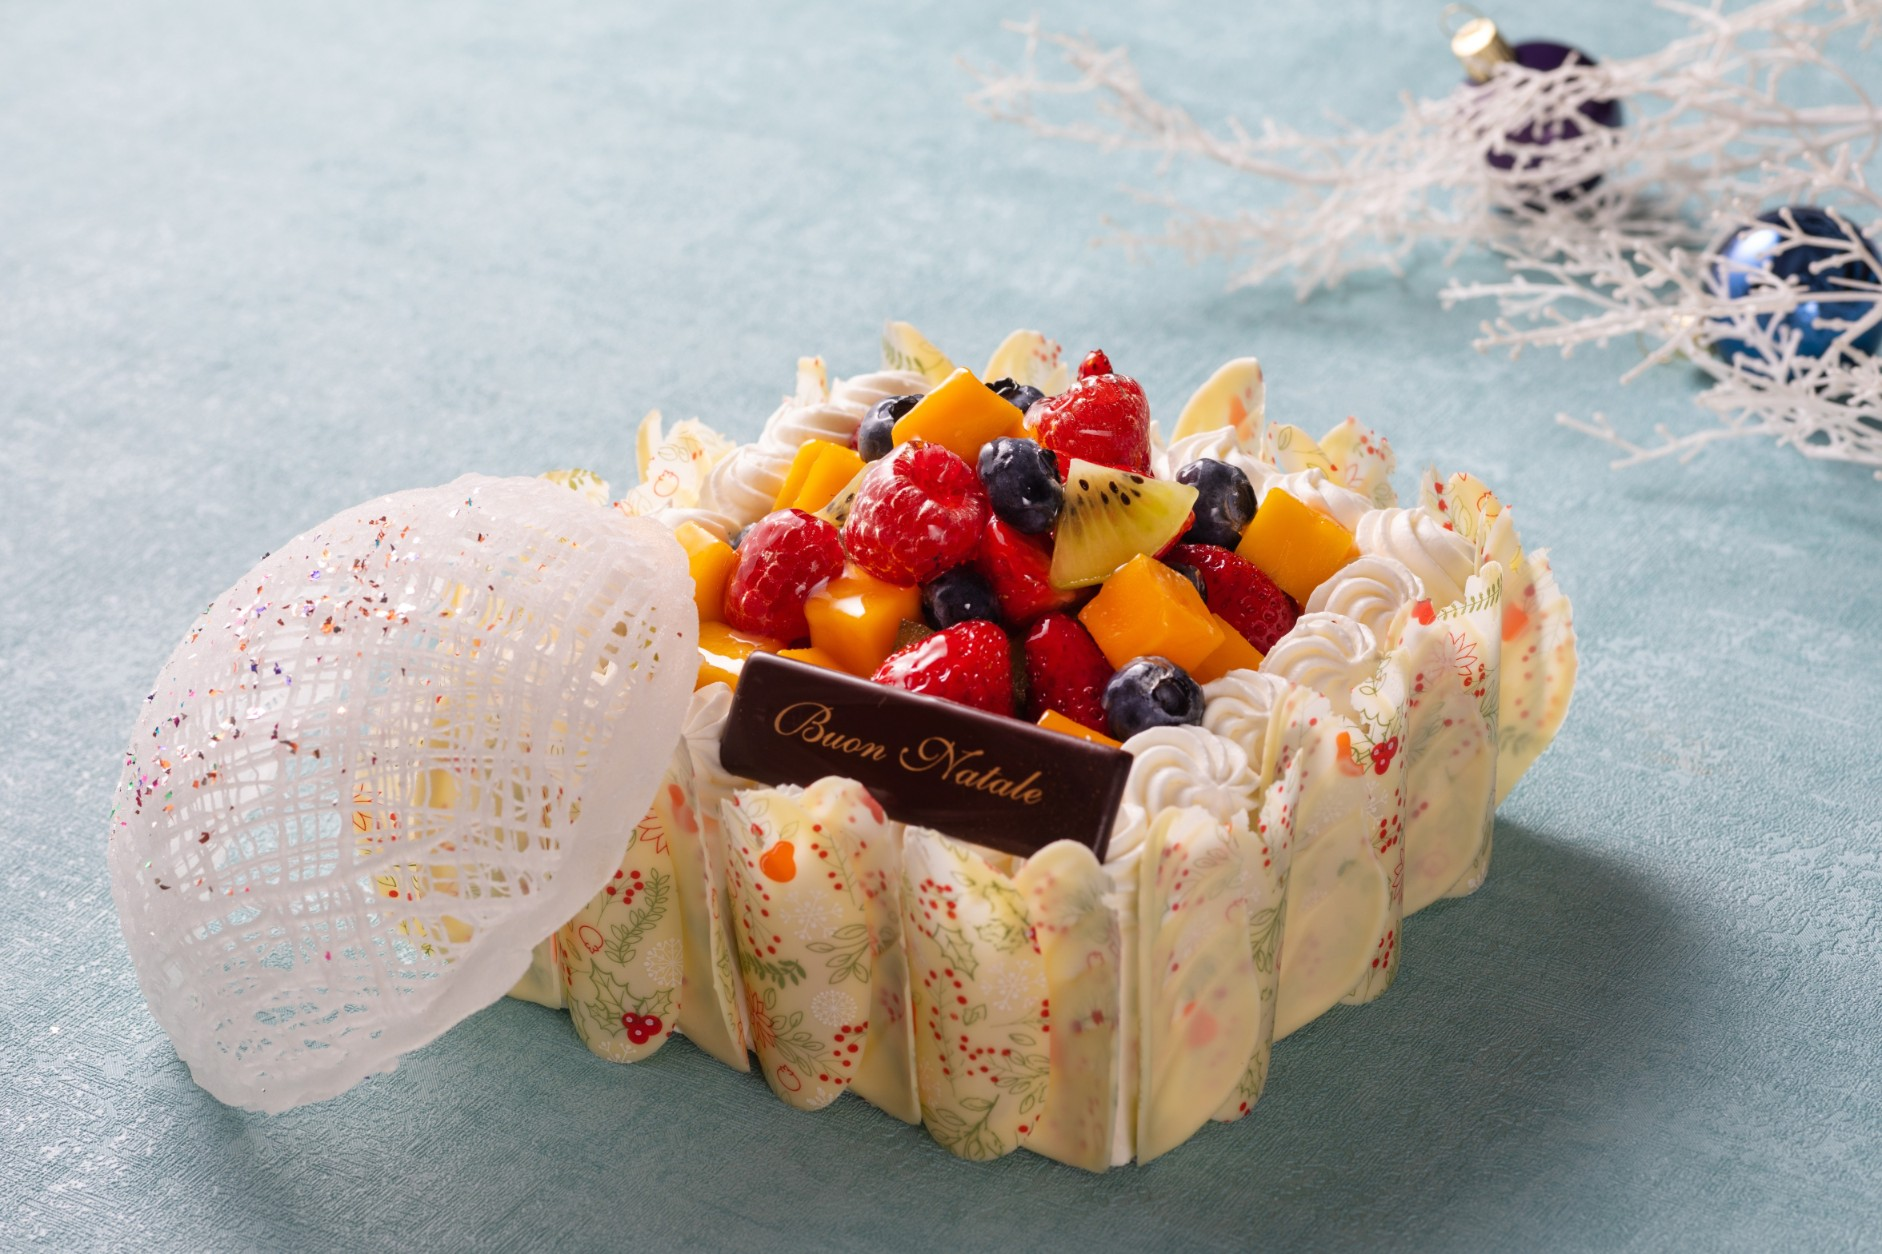 クリスマスにケーキを食べるのはなぜ ...